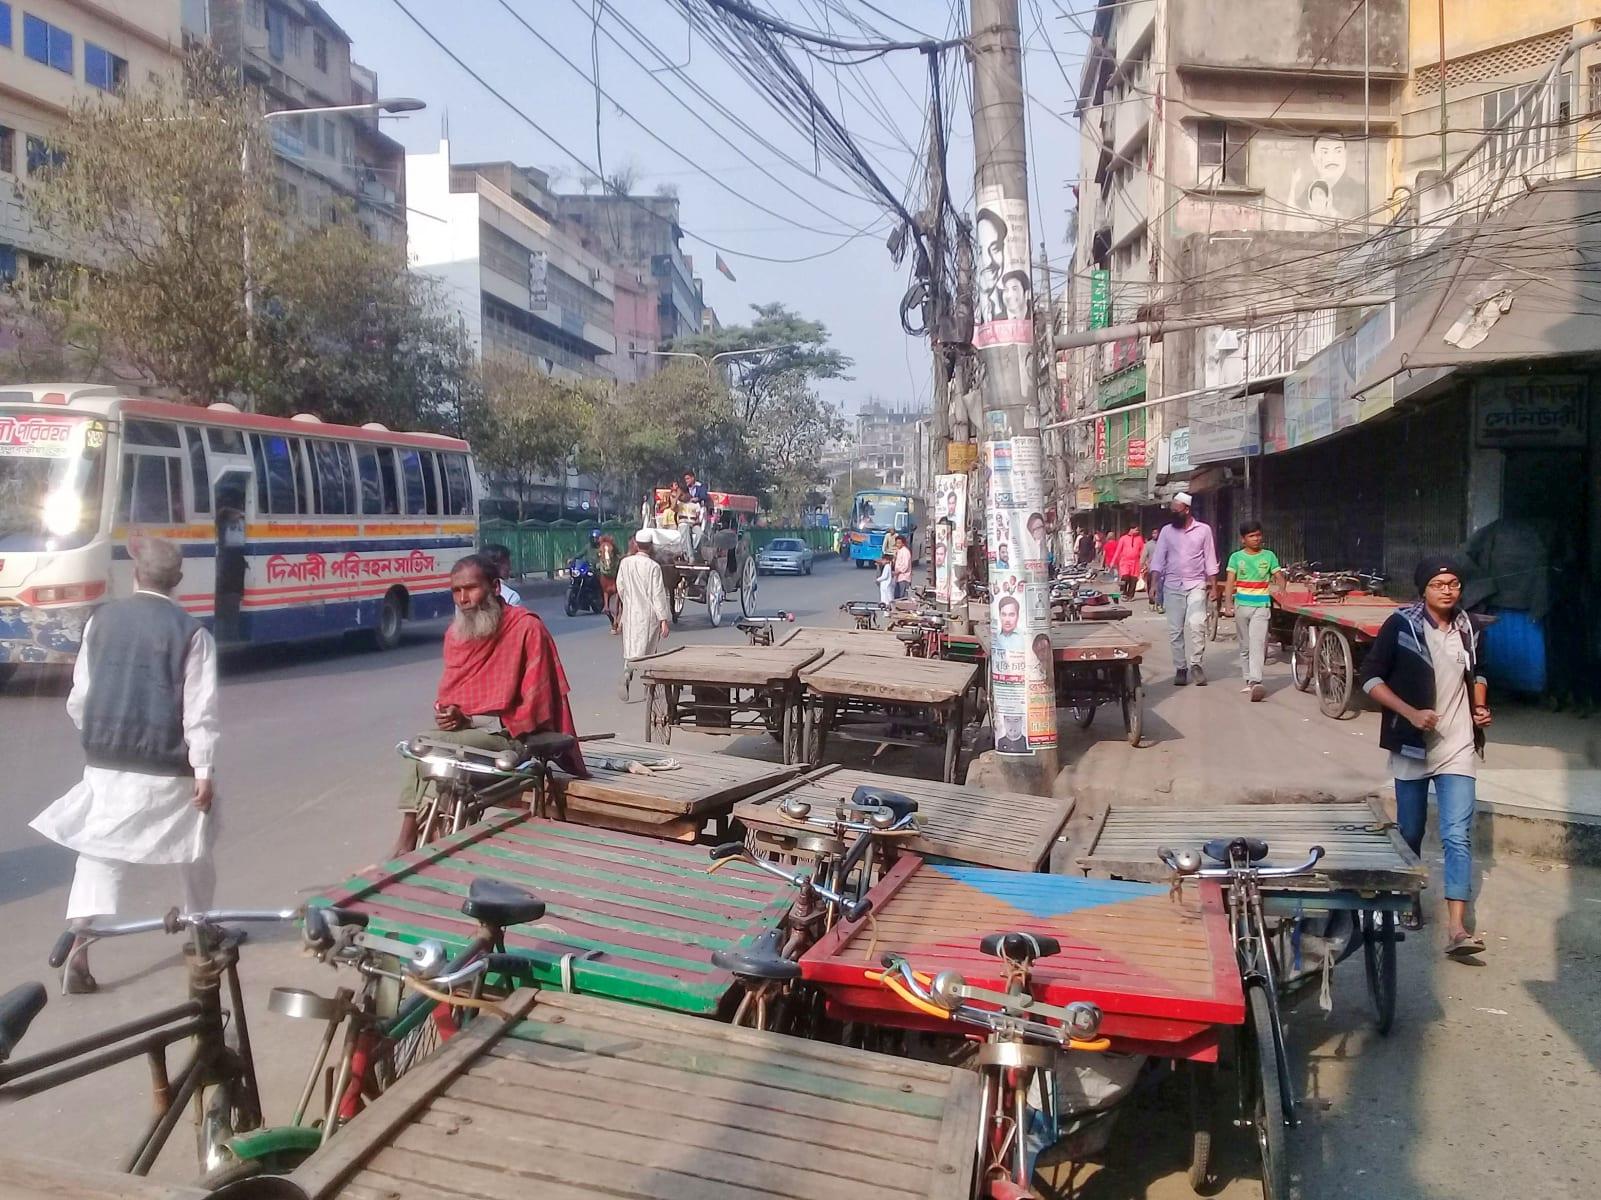 Ulice Dhaky, kola s platformou slouží jako transportní prostředek nejen pro zboží, ale i pro pasažéry, Bangladéš